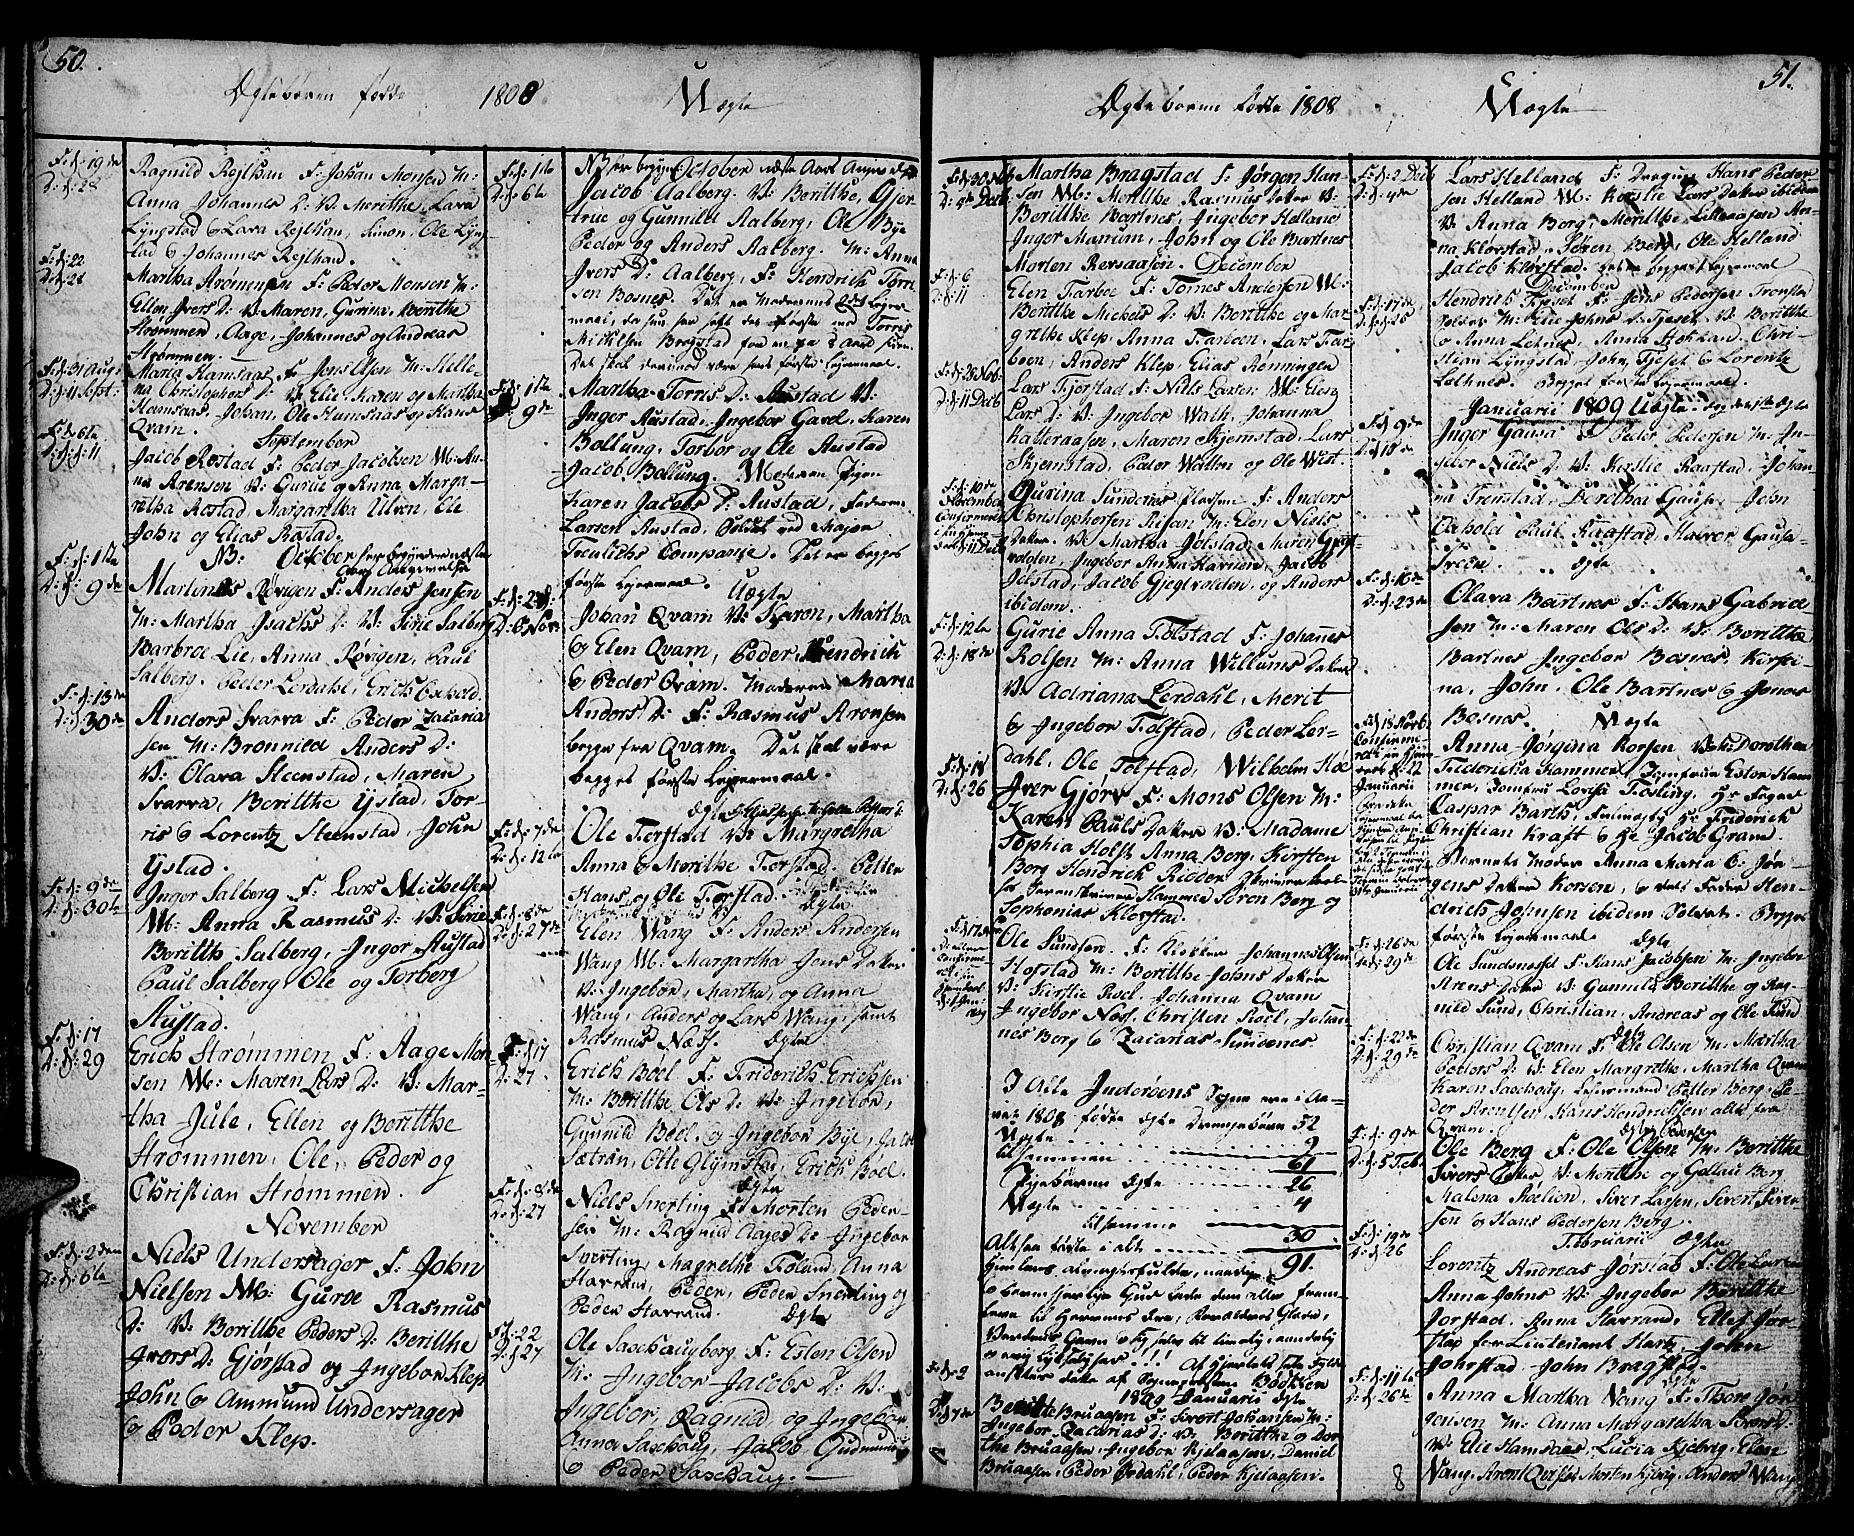 SAT, Ministerialprotokoller, klokkerbøker og fødselsregistre - Nord-Trøndelag, 730/L0274: Ministerialbok nr. 730A03, 1802-1816, s. 50-51